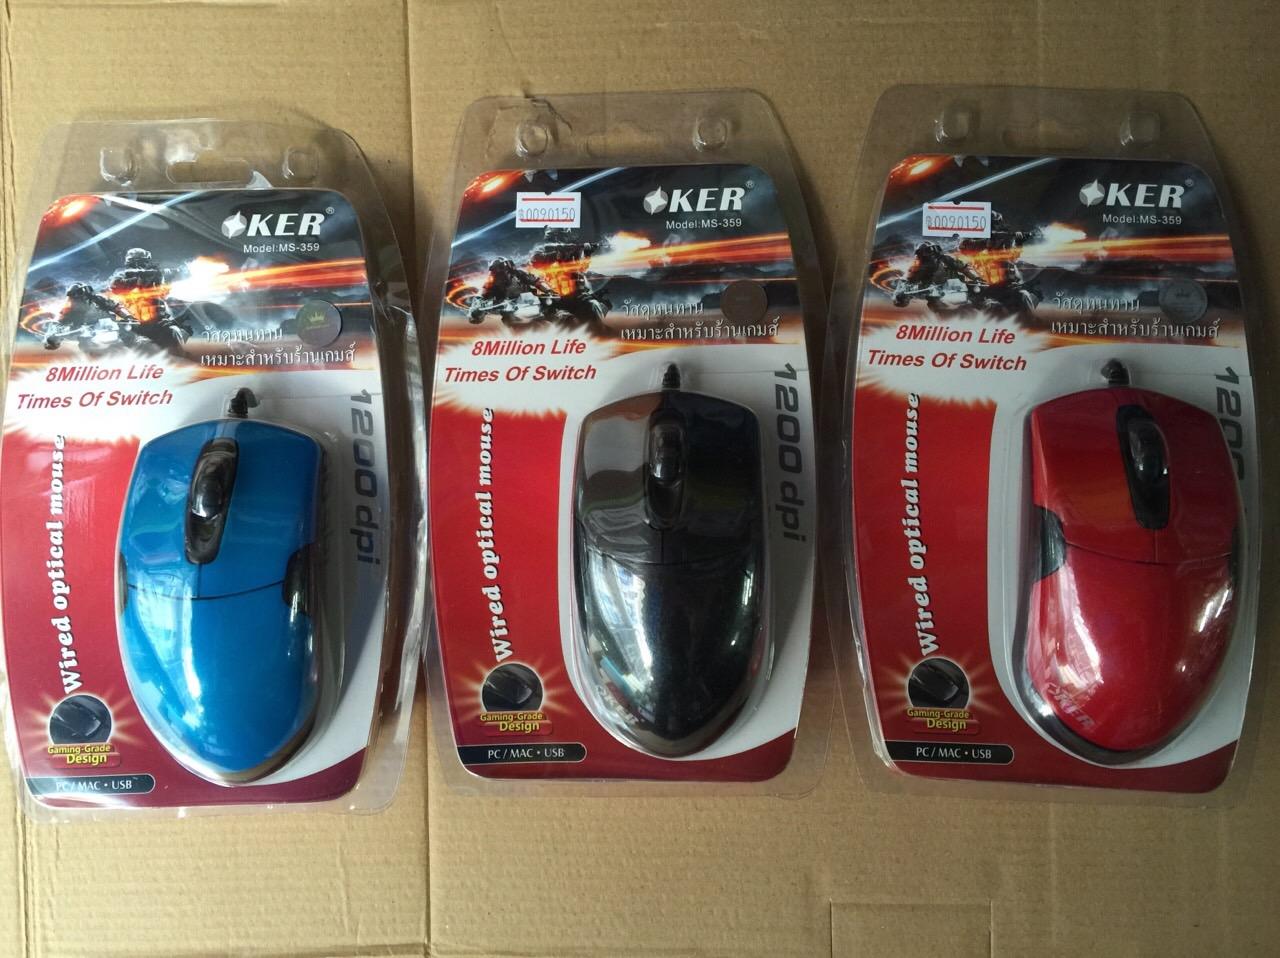 เม้าส์ mouse oker M-359